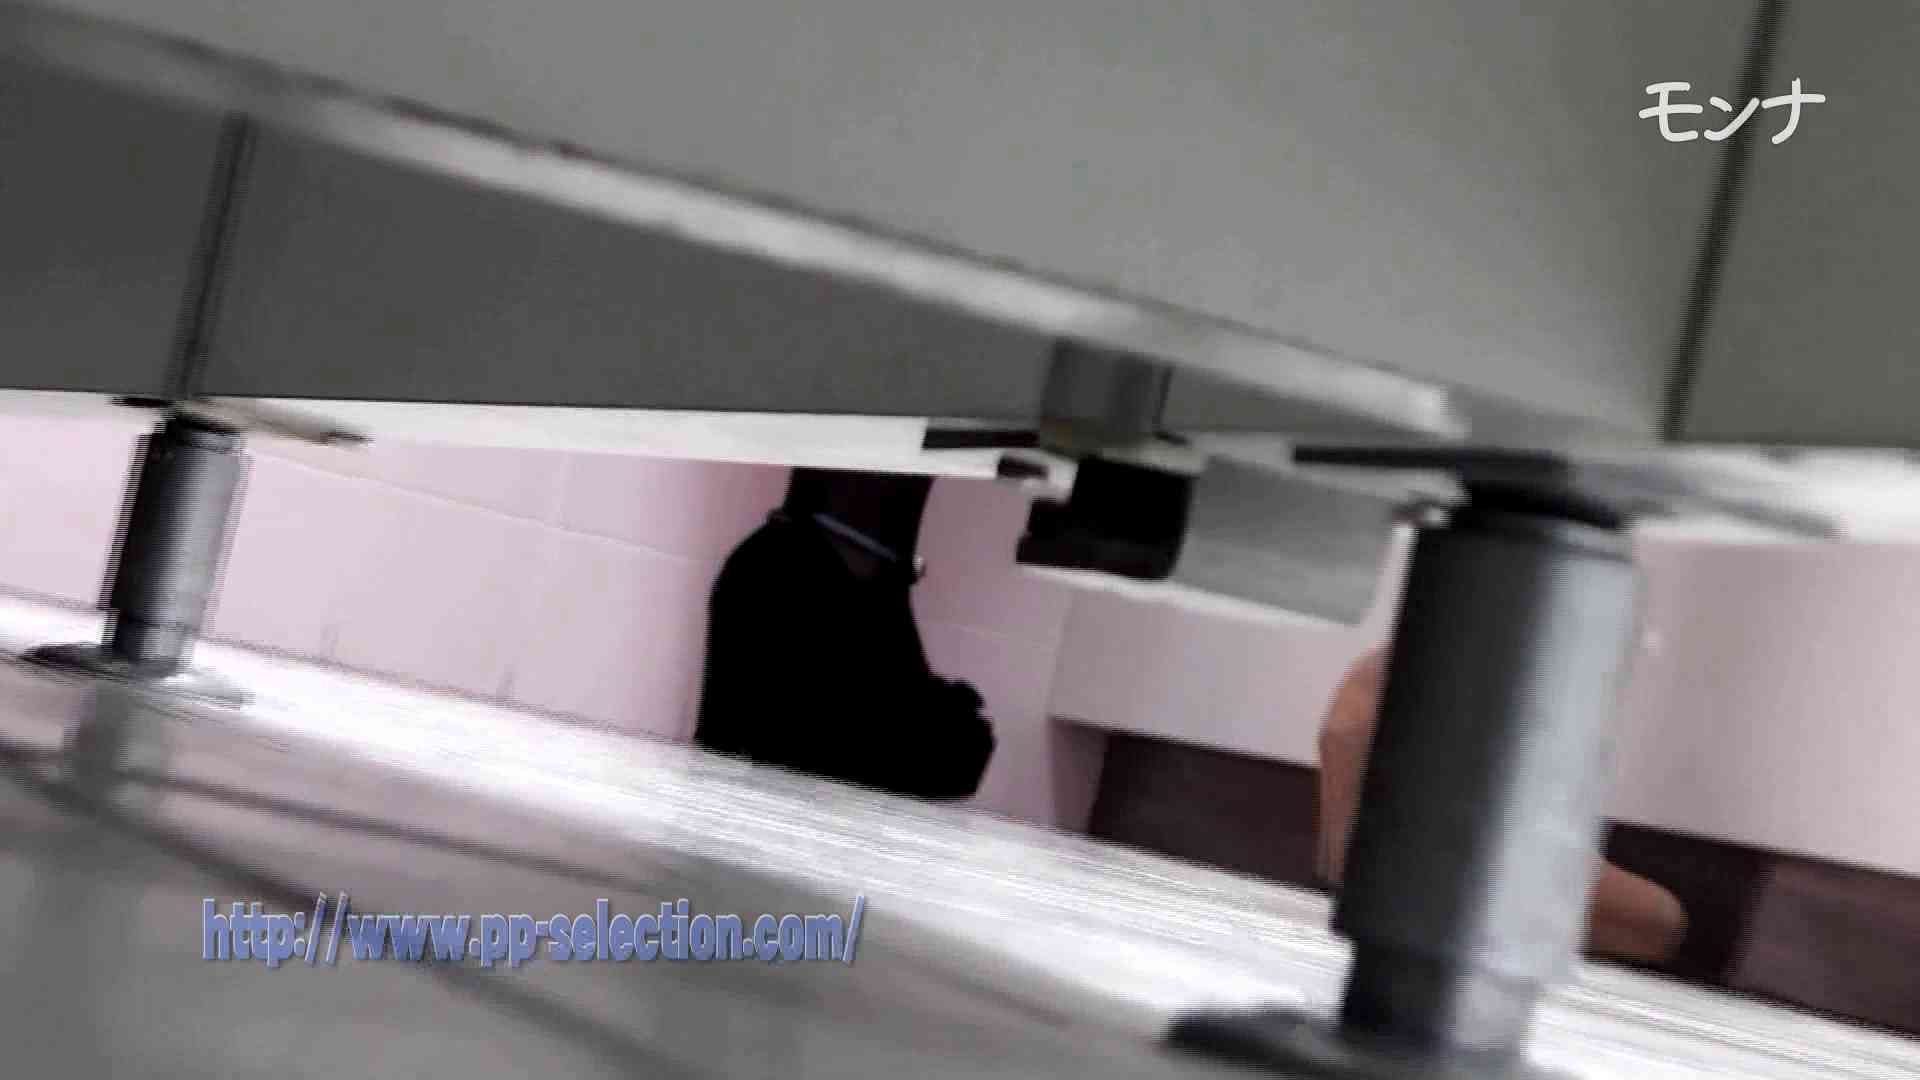 ヤリマンのオマンコ:美しい日本の未来 No.93規格外2年間一作しか作れません。:怪盗ジョーカー